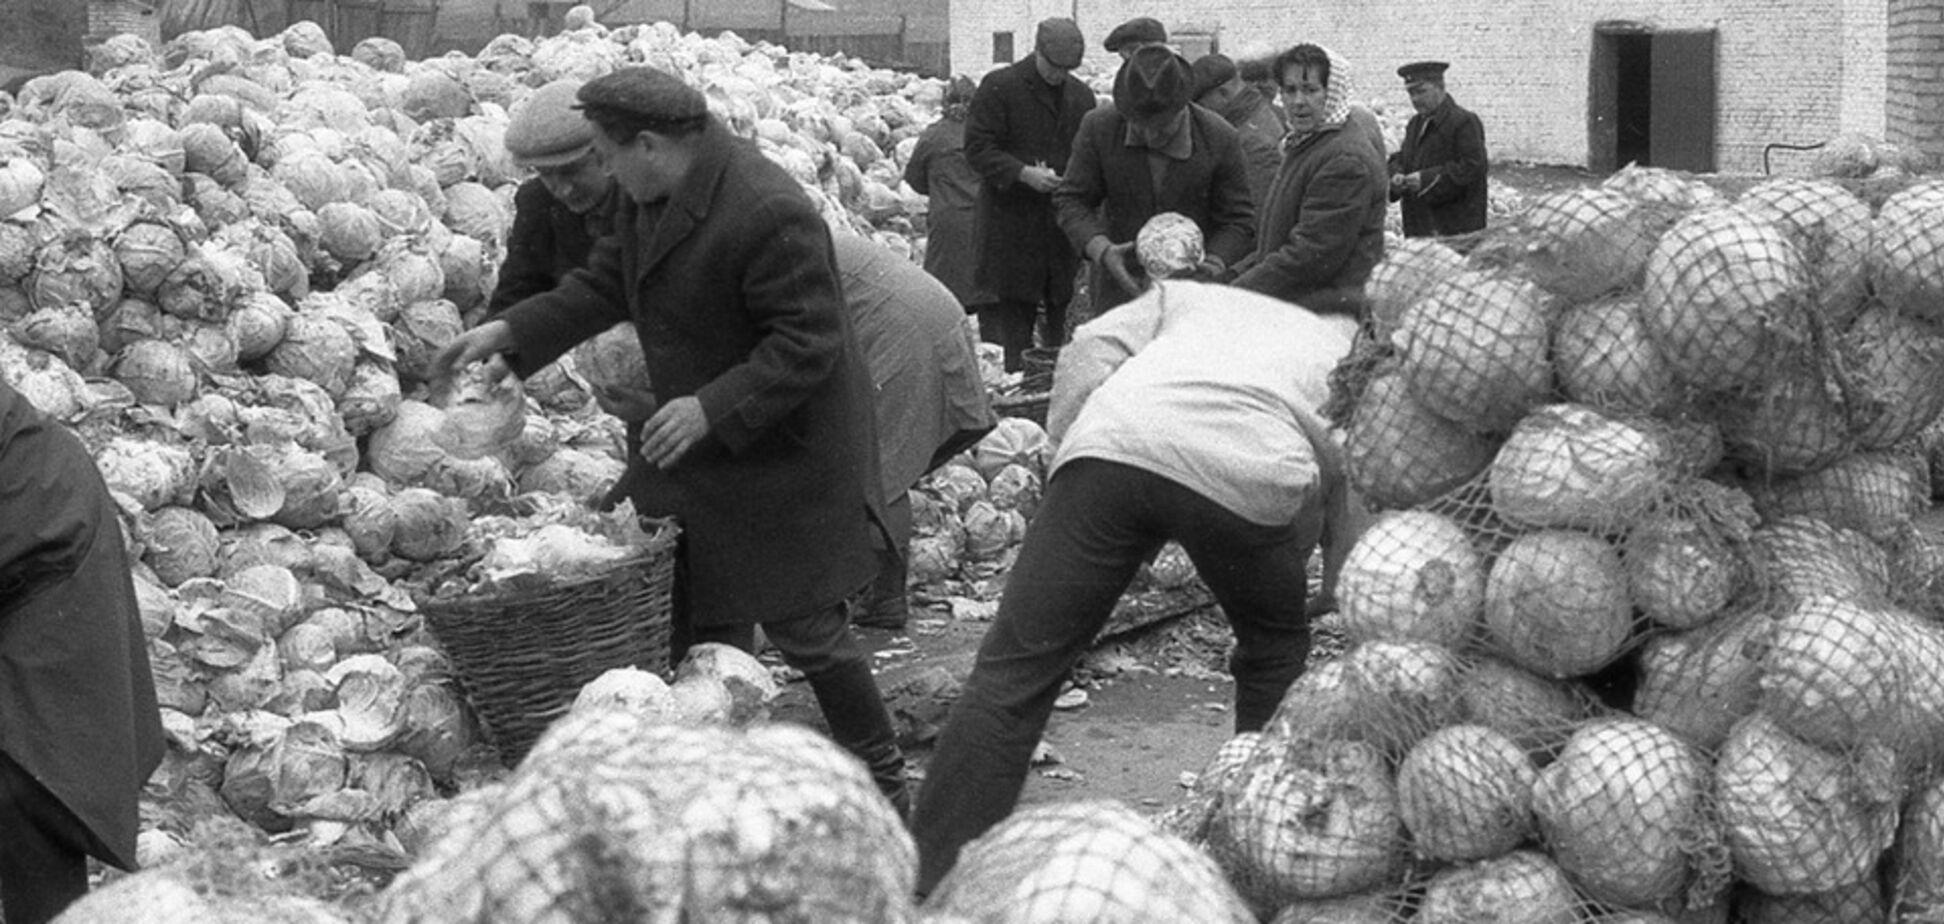 Факты о 'великой' стране: вы правда хотите в такой СССР?